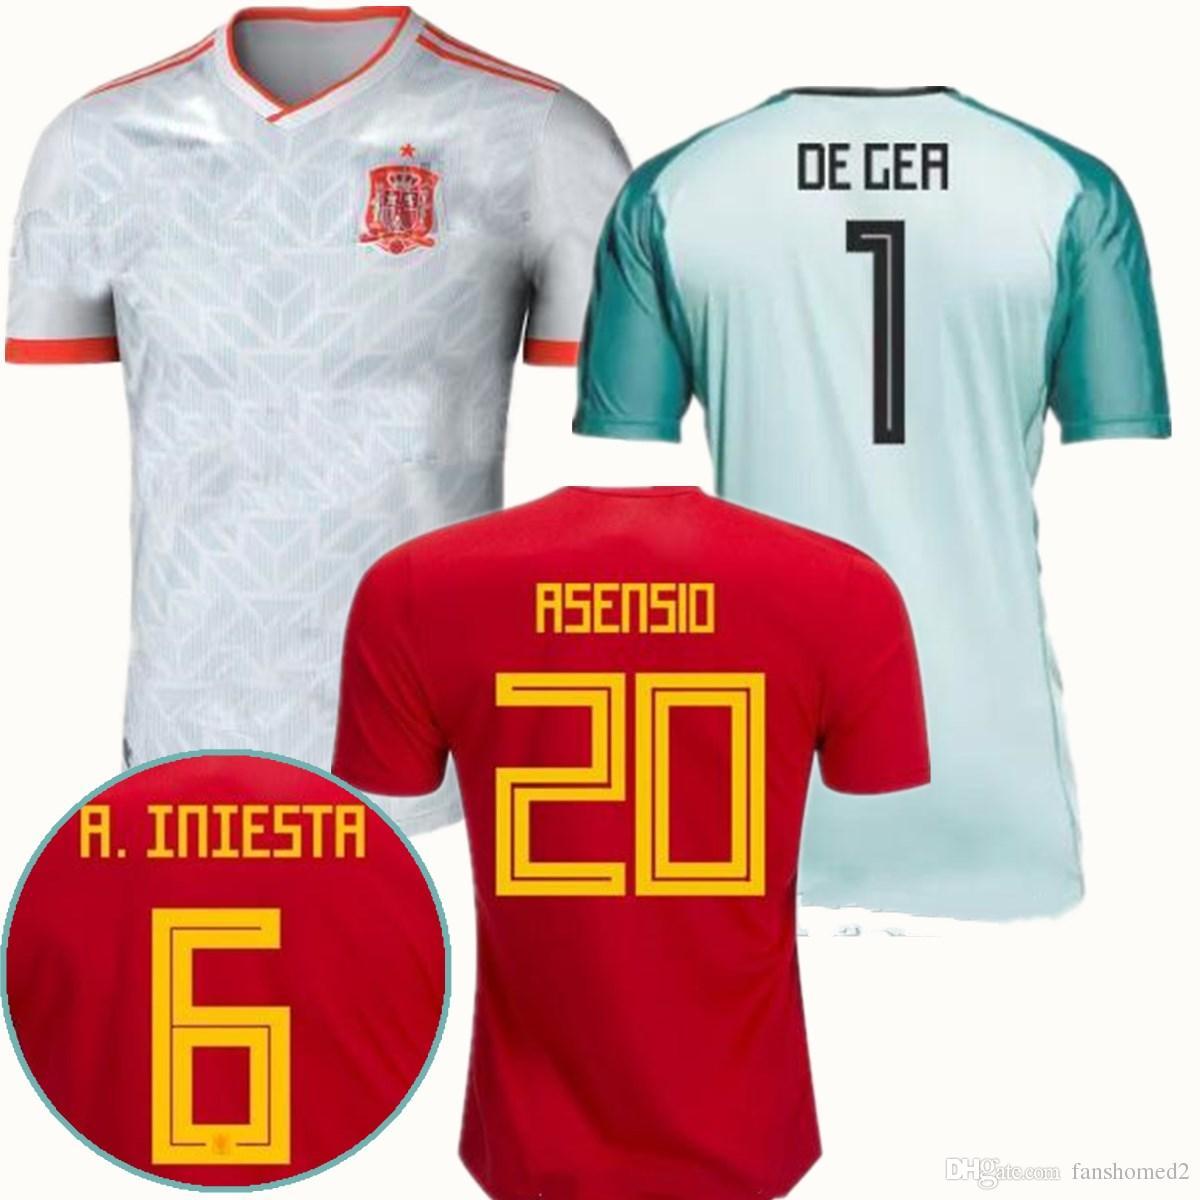 4f4c76f2c 2018 Word Cup Spain De Gea Goalkeeper Soccer Jerseys 2018 Spain  10 ...